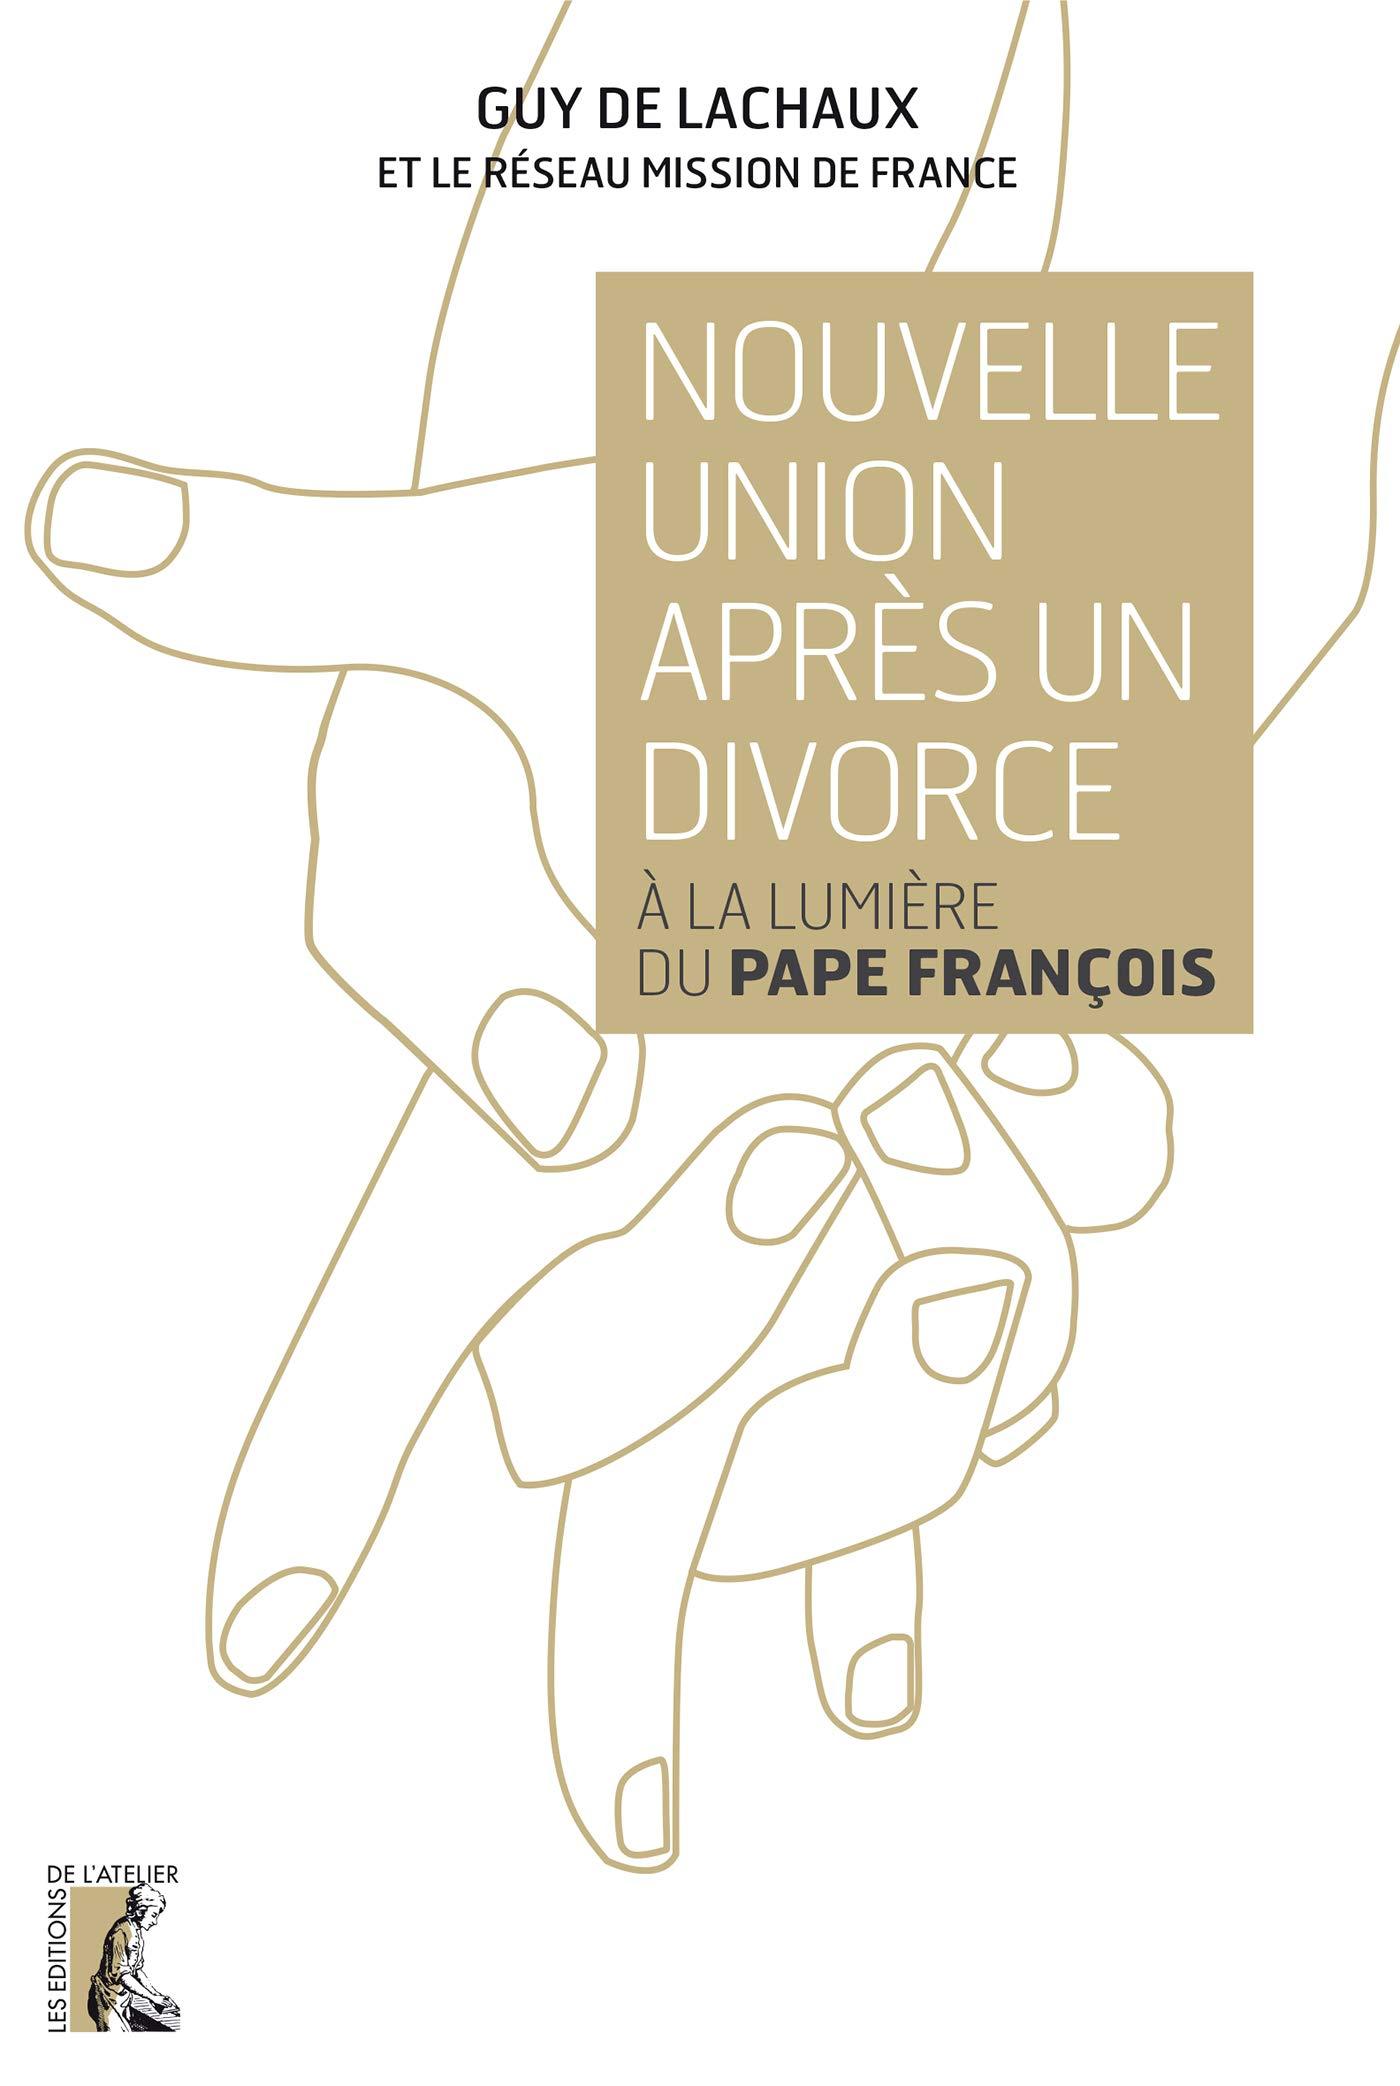 Guy de Lachaux - Nouvelle union après un divorce - 2018